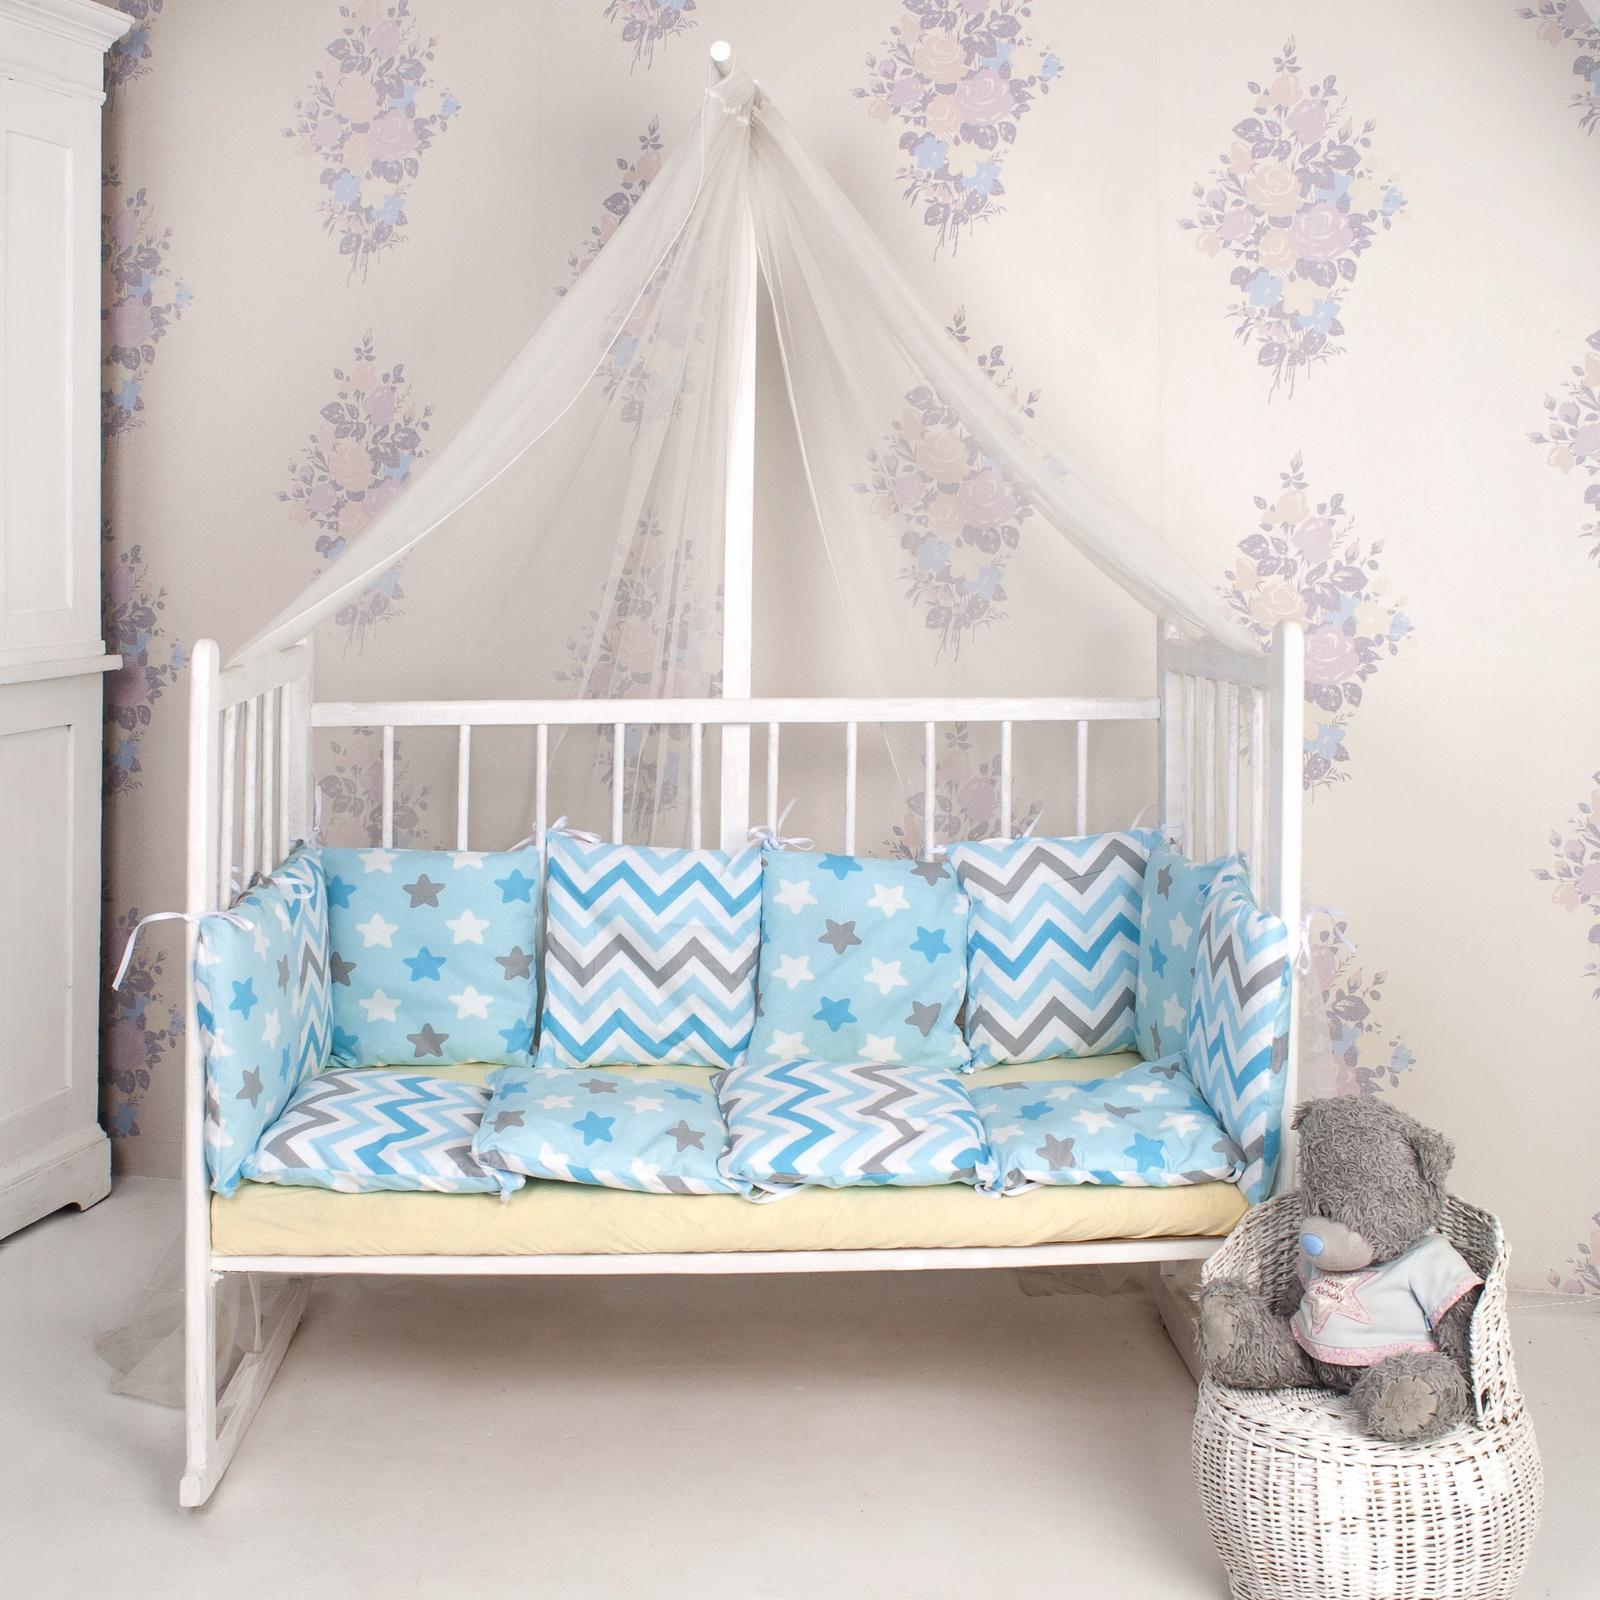 бортики в кроватку Комплект в кроватку ТК Традиция бортики в кроватку поплин, голубой, серый, белый